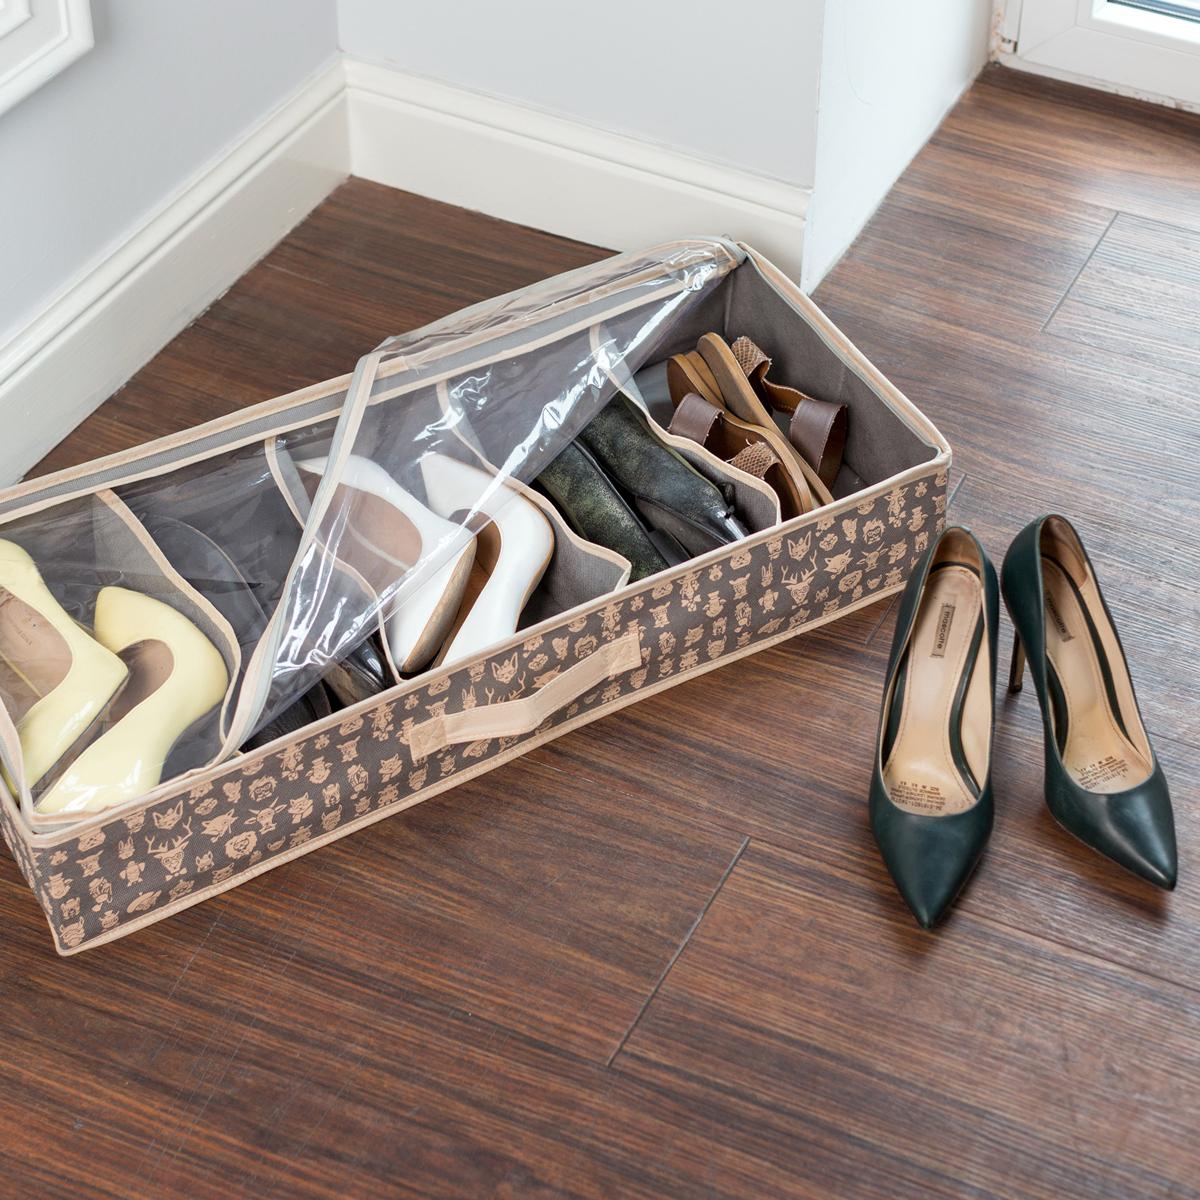 Органайзер для обуви Homsu Hipster Animals, 5 отделений, 66 х 32 х 11 смHOM-862Органайзер для обуви с жесткими бортами, рассчитан на 5 пар обуви. Данный органайзер поможет уберечь вашу обувь от пыли и загрязнений, а также наведет порядок и оптимизирует пространство в гардеробе. Выполнен в трендовом сером цвете.